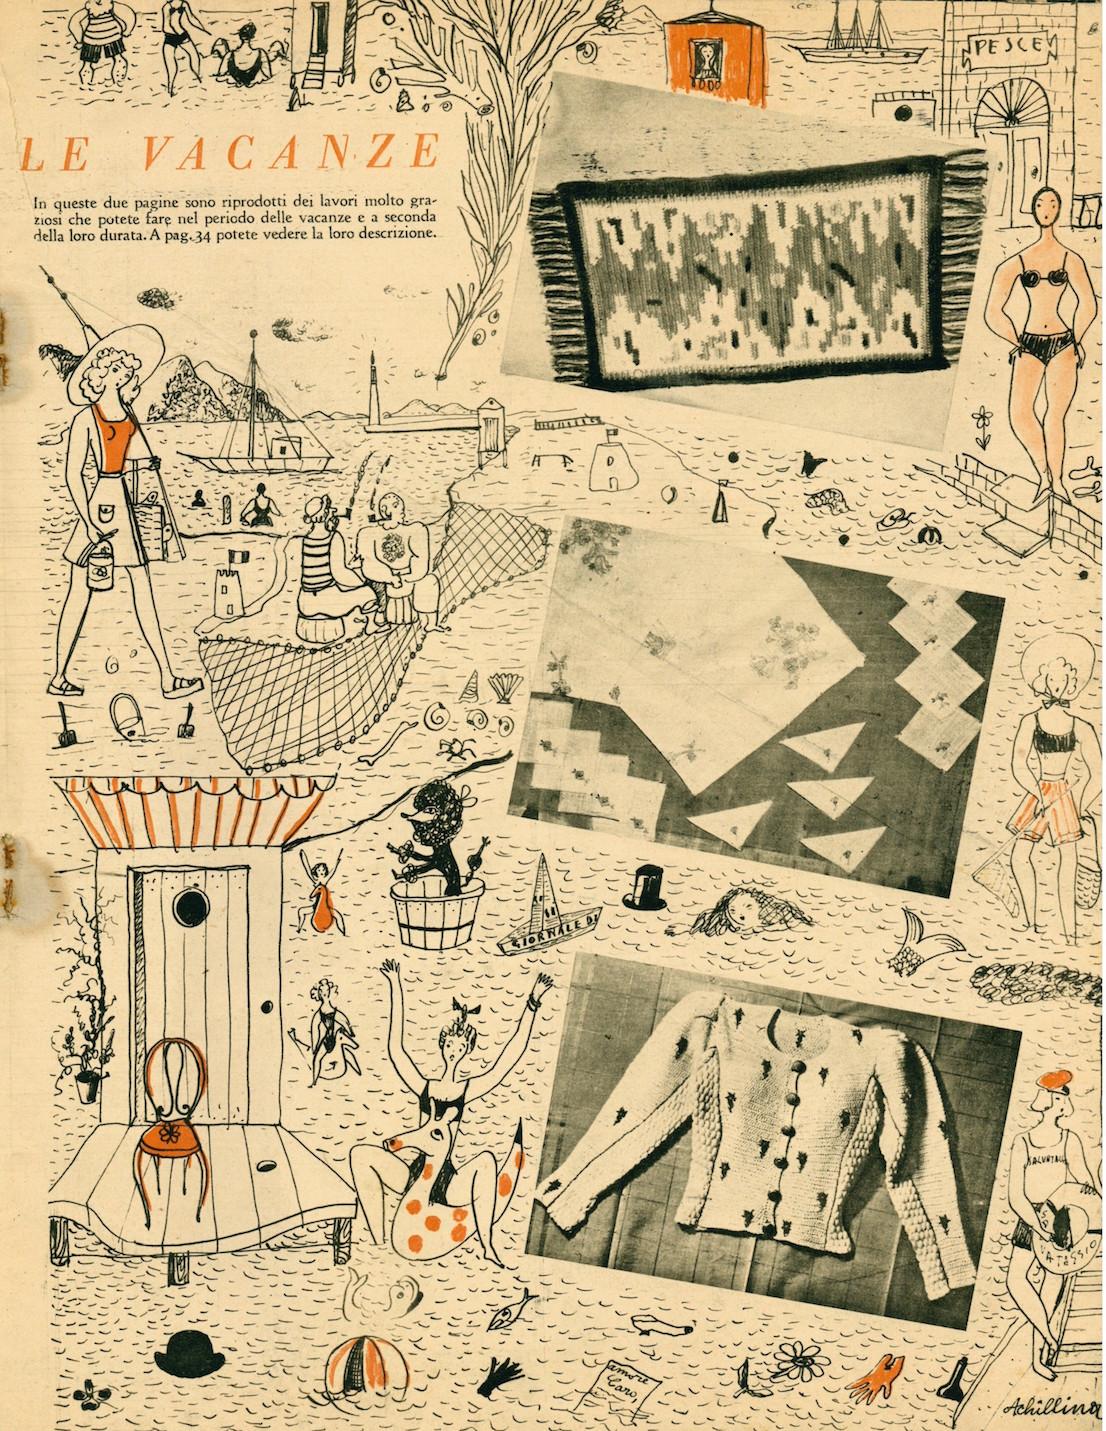 Grazia 193, 1942. Pag. 19.